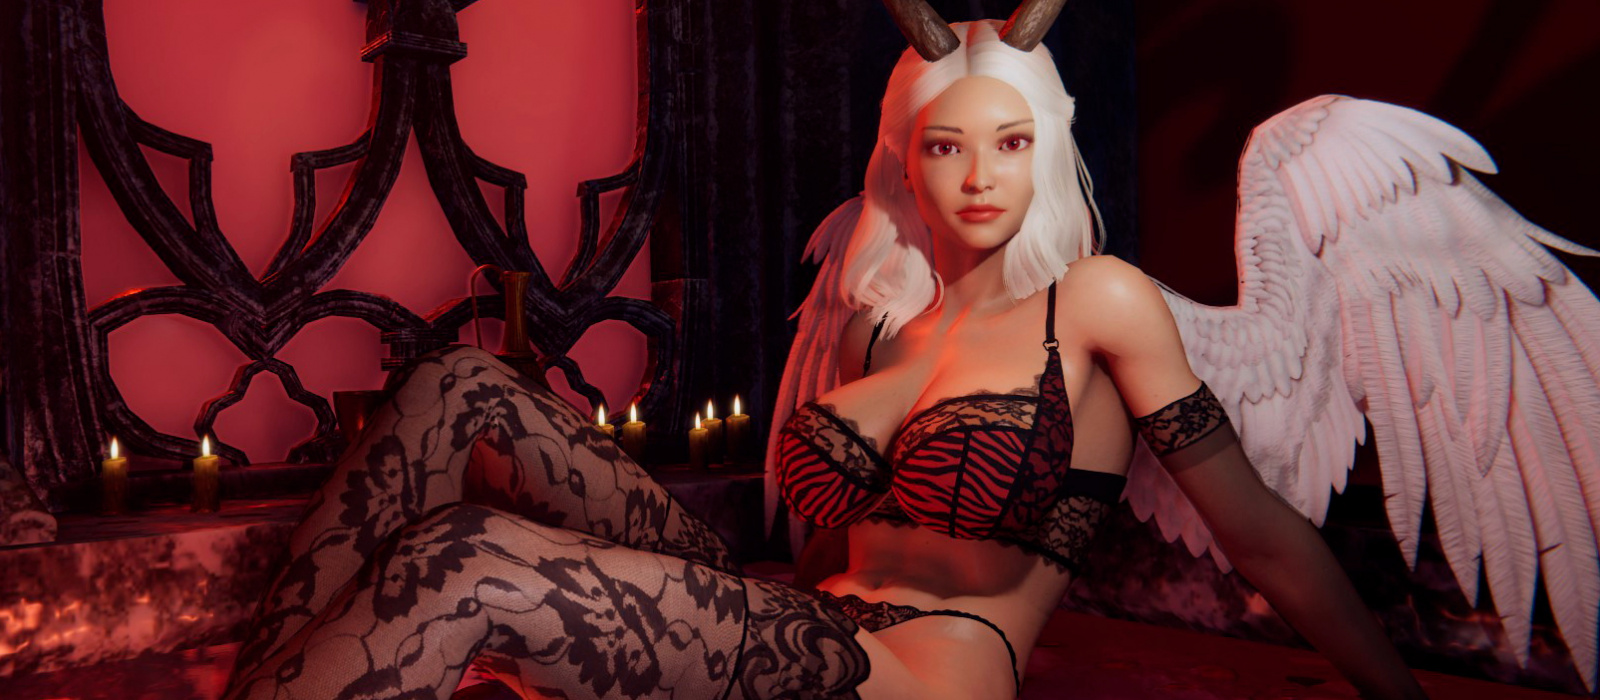 Die Autoren des Erotikspiels um den Sukkubus She Will Punish Them haben ein neues Update gezeigt – Screenshots und Video